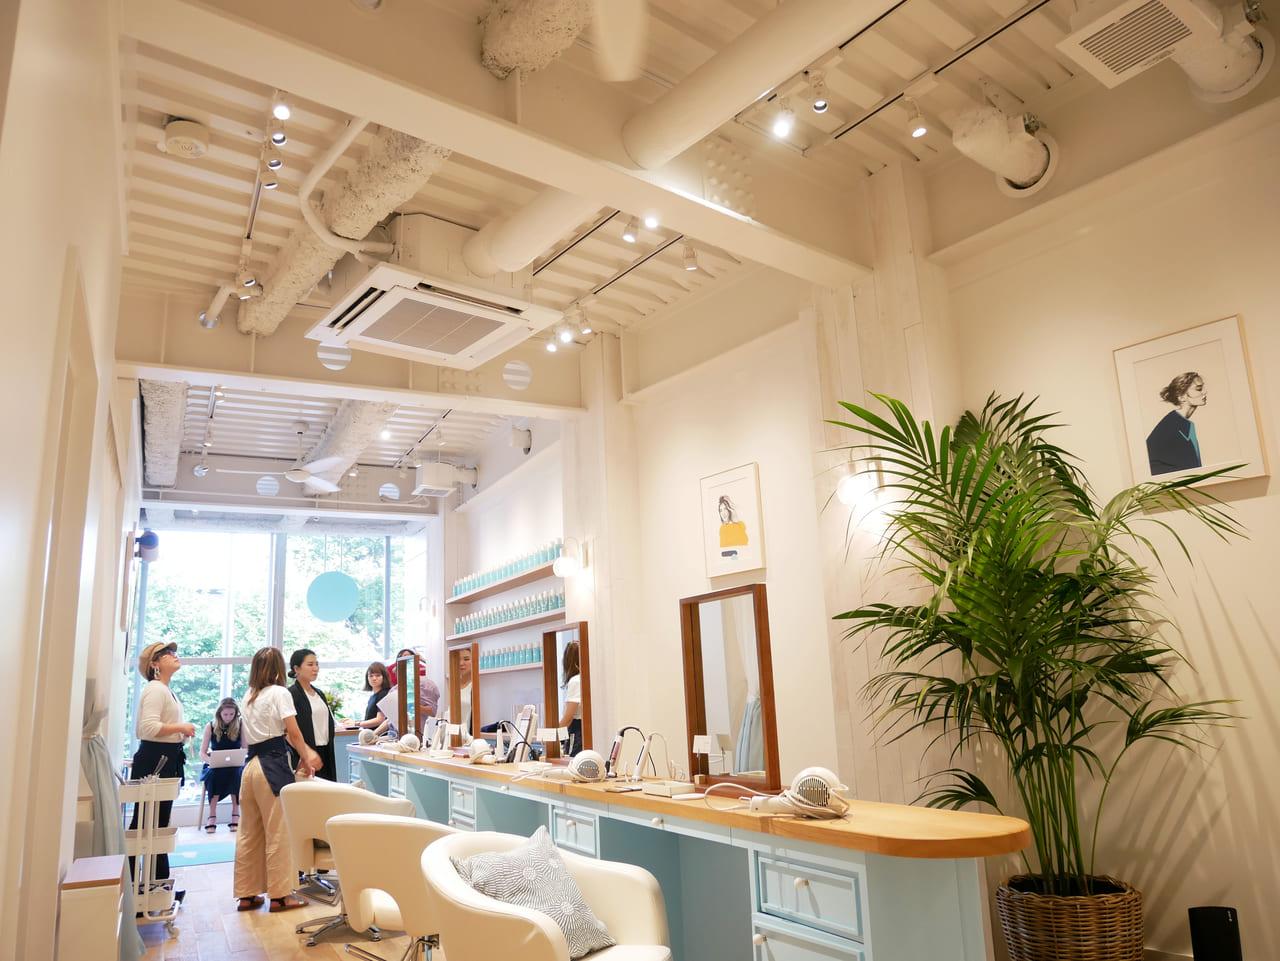 サブスク美容室 Jetset 新店舗